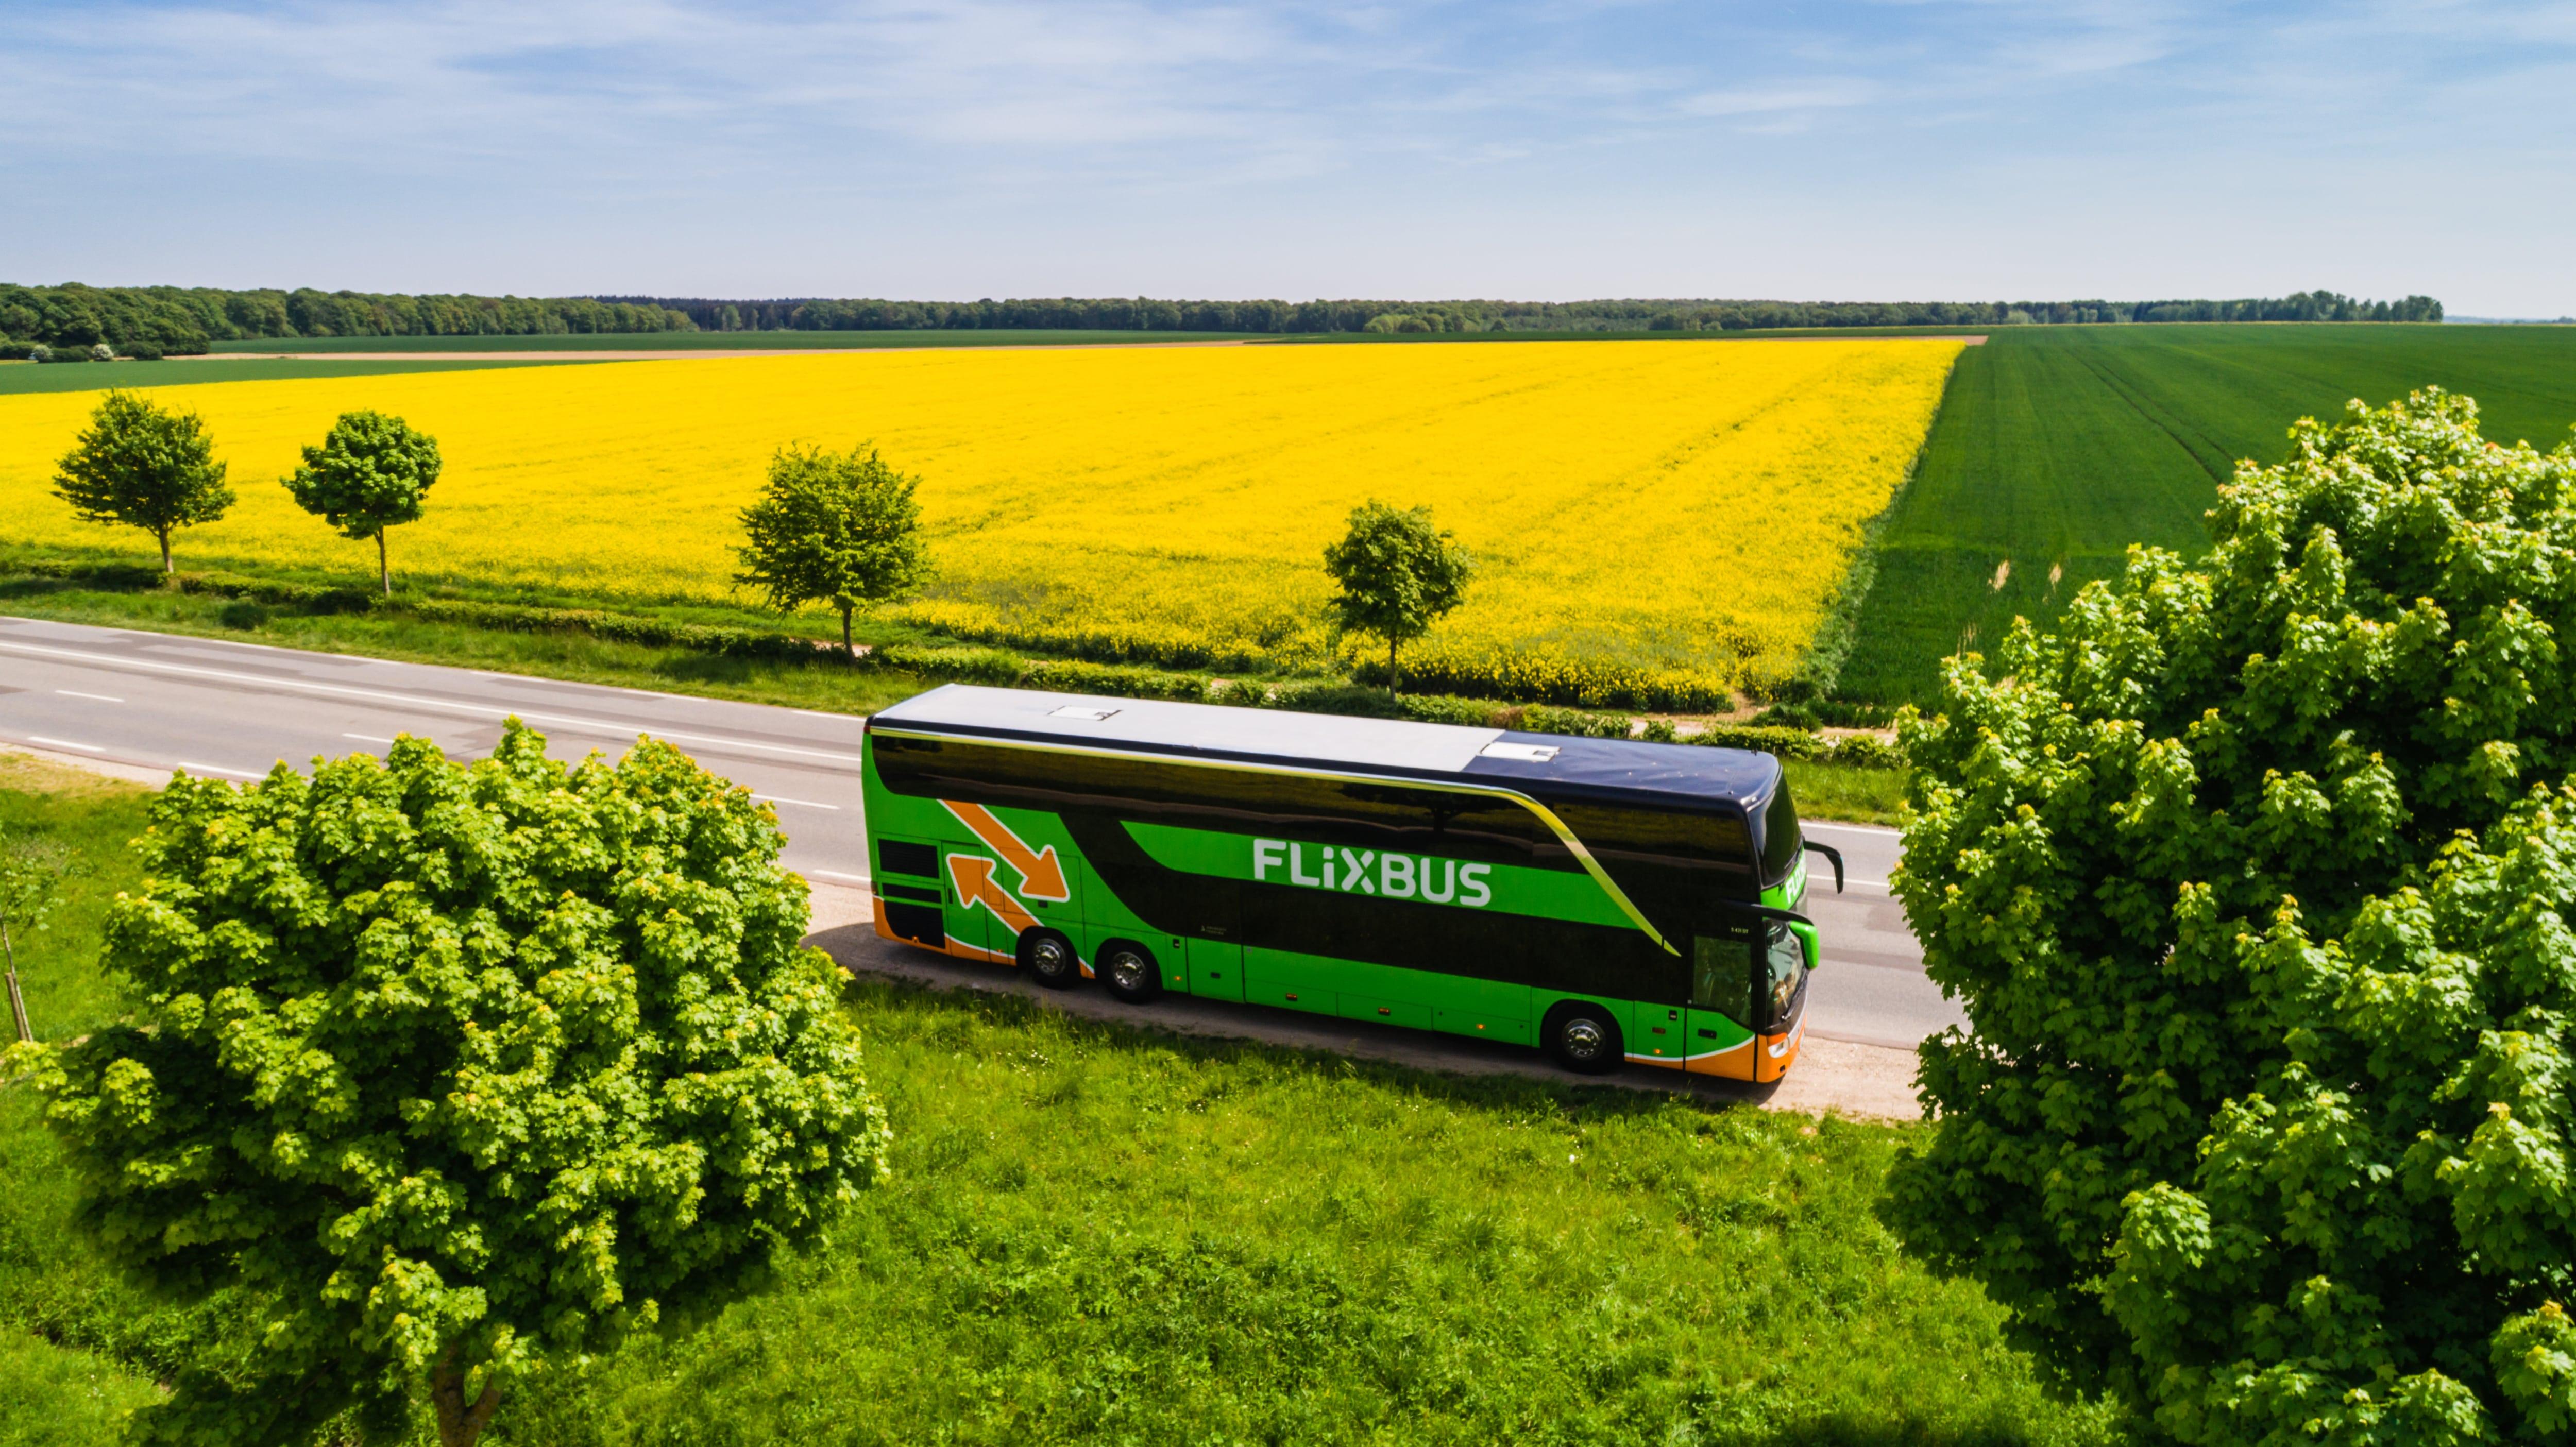 Маршруты от 5 евро, от автобусного лоукостера FlixBus